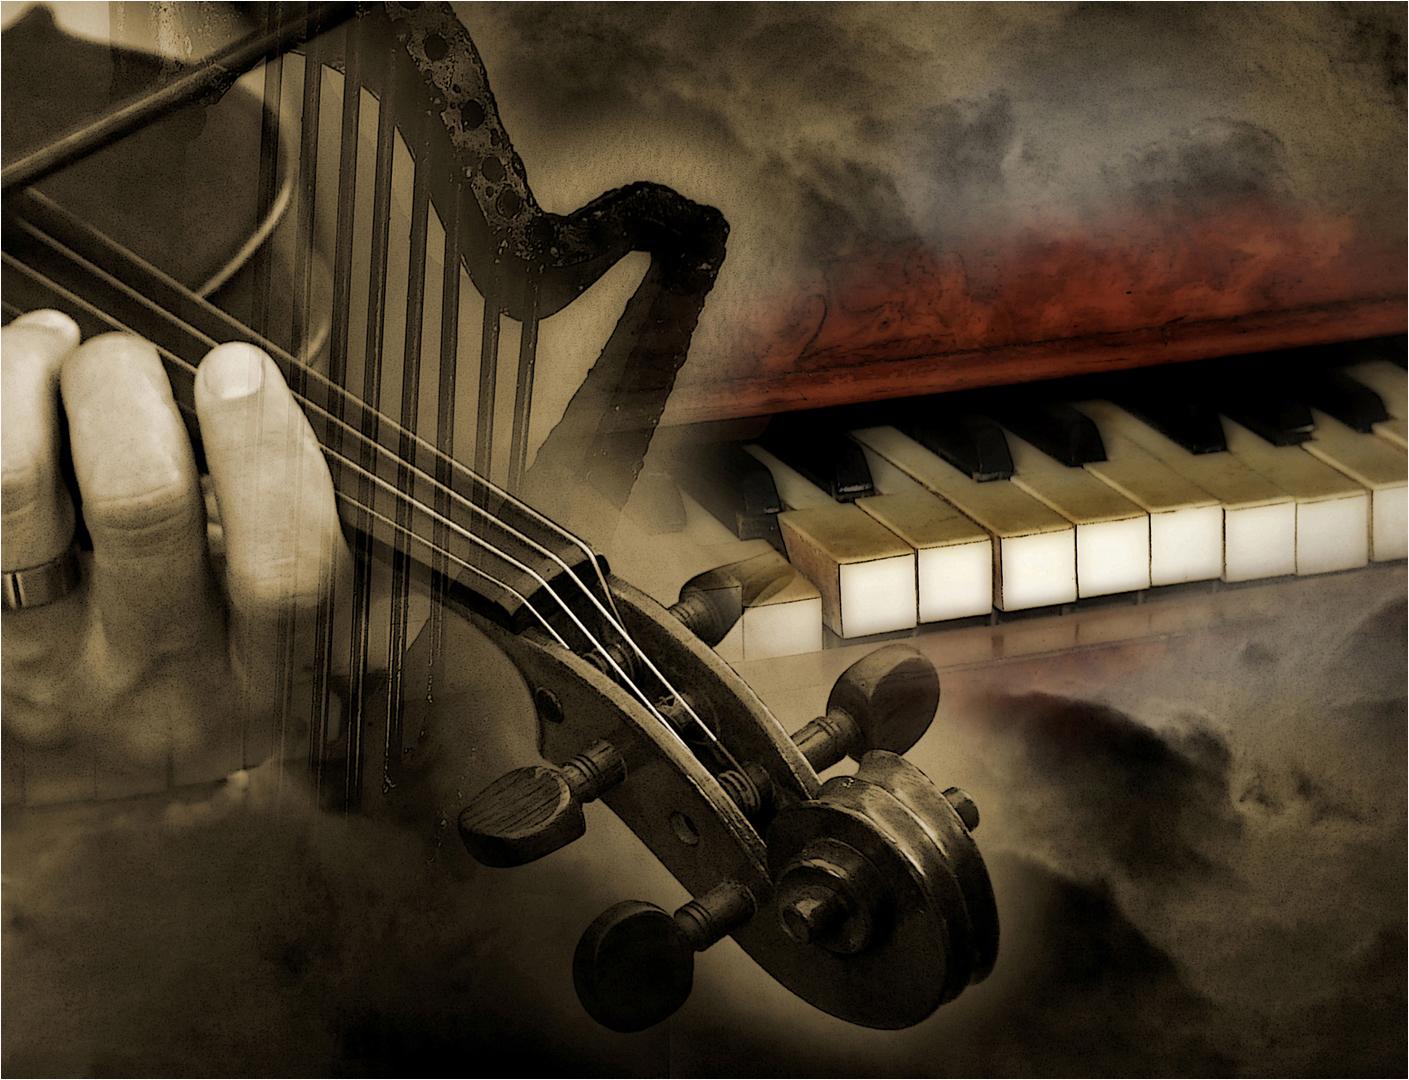 Phillharmonic – Corlia Mare